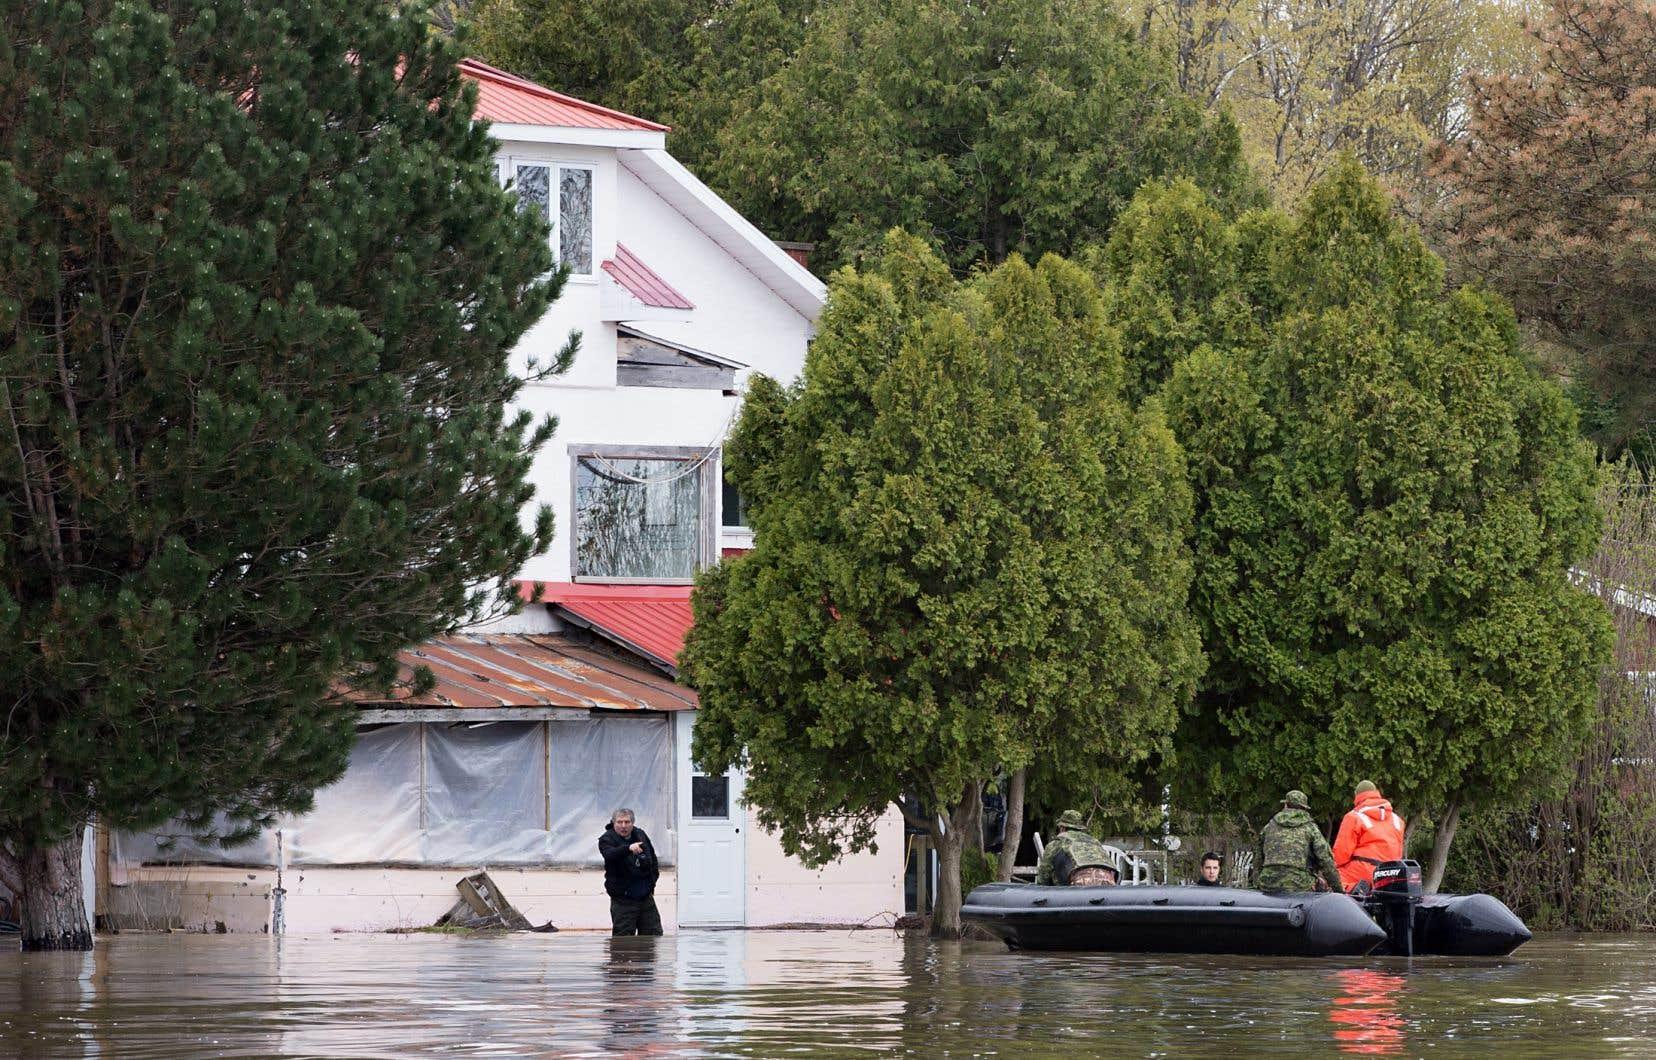 Près d'un an après les événements du printemps dernier, des sinistrés de Rigaud habitaient toujours à l'hôtel.